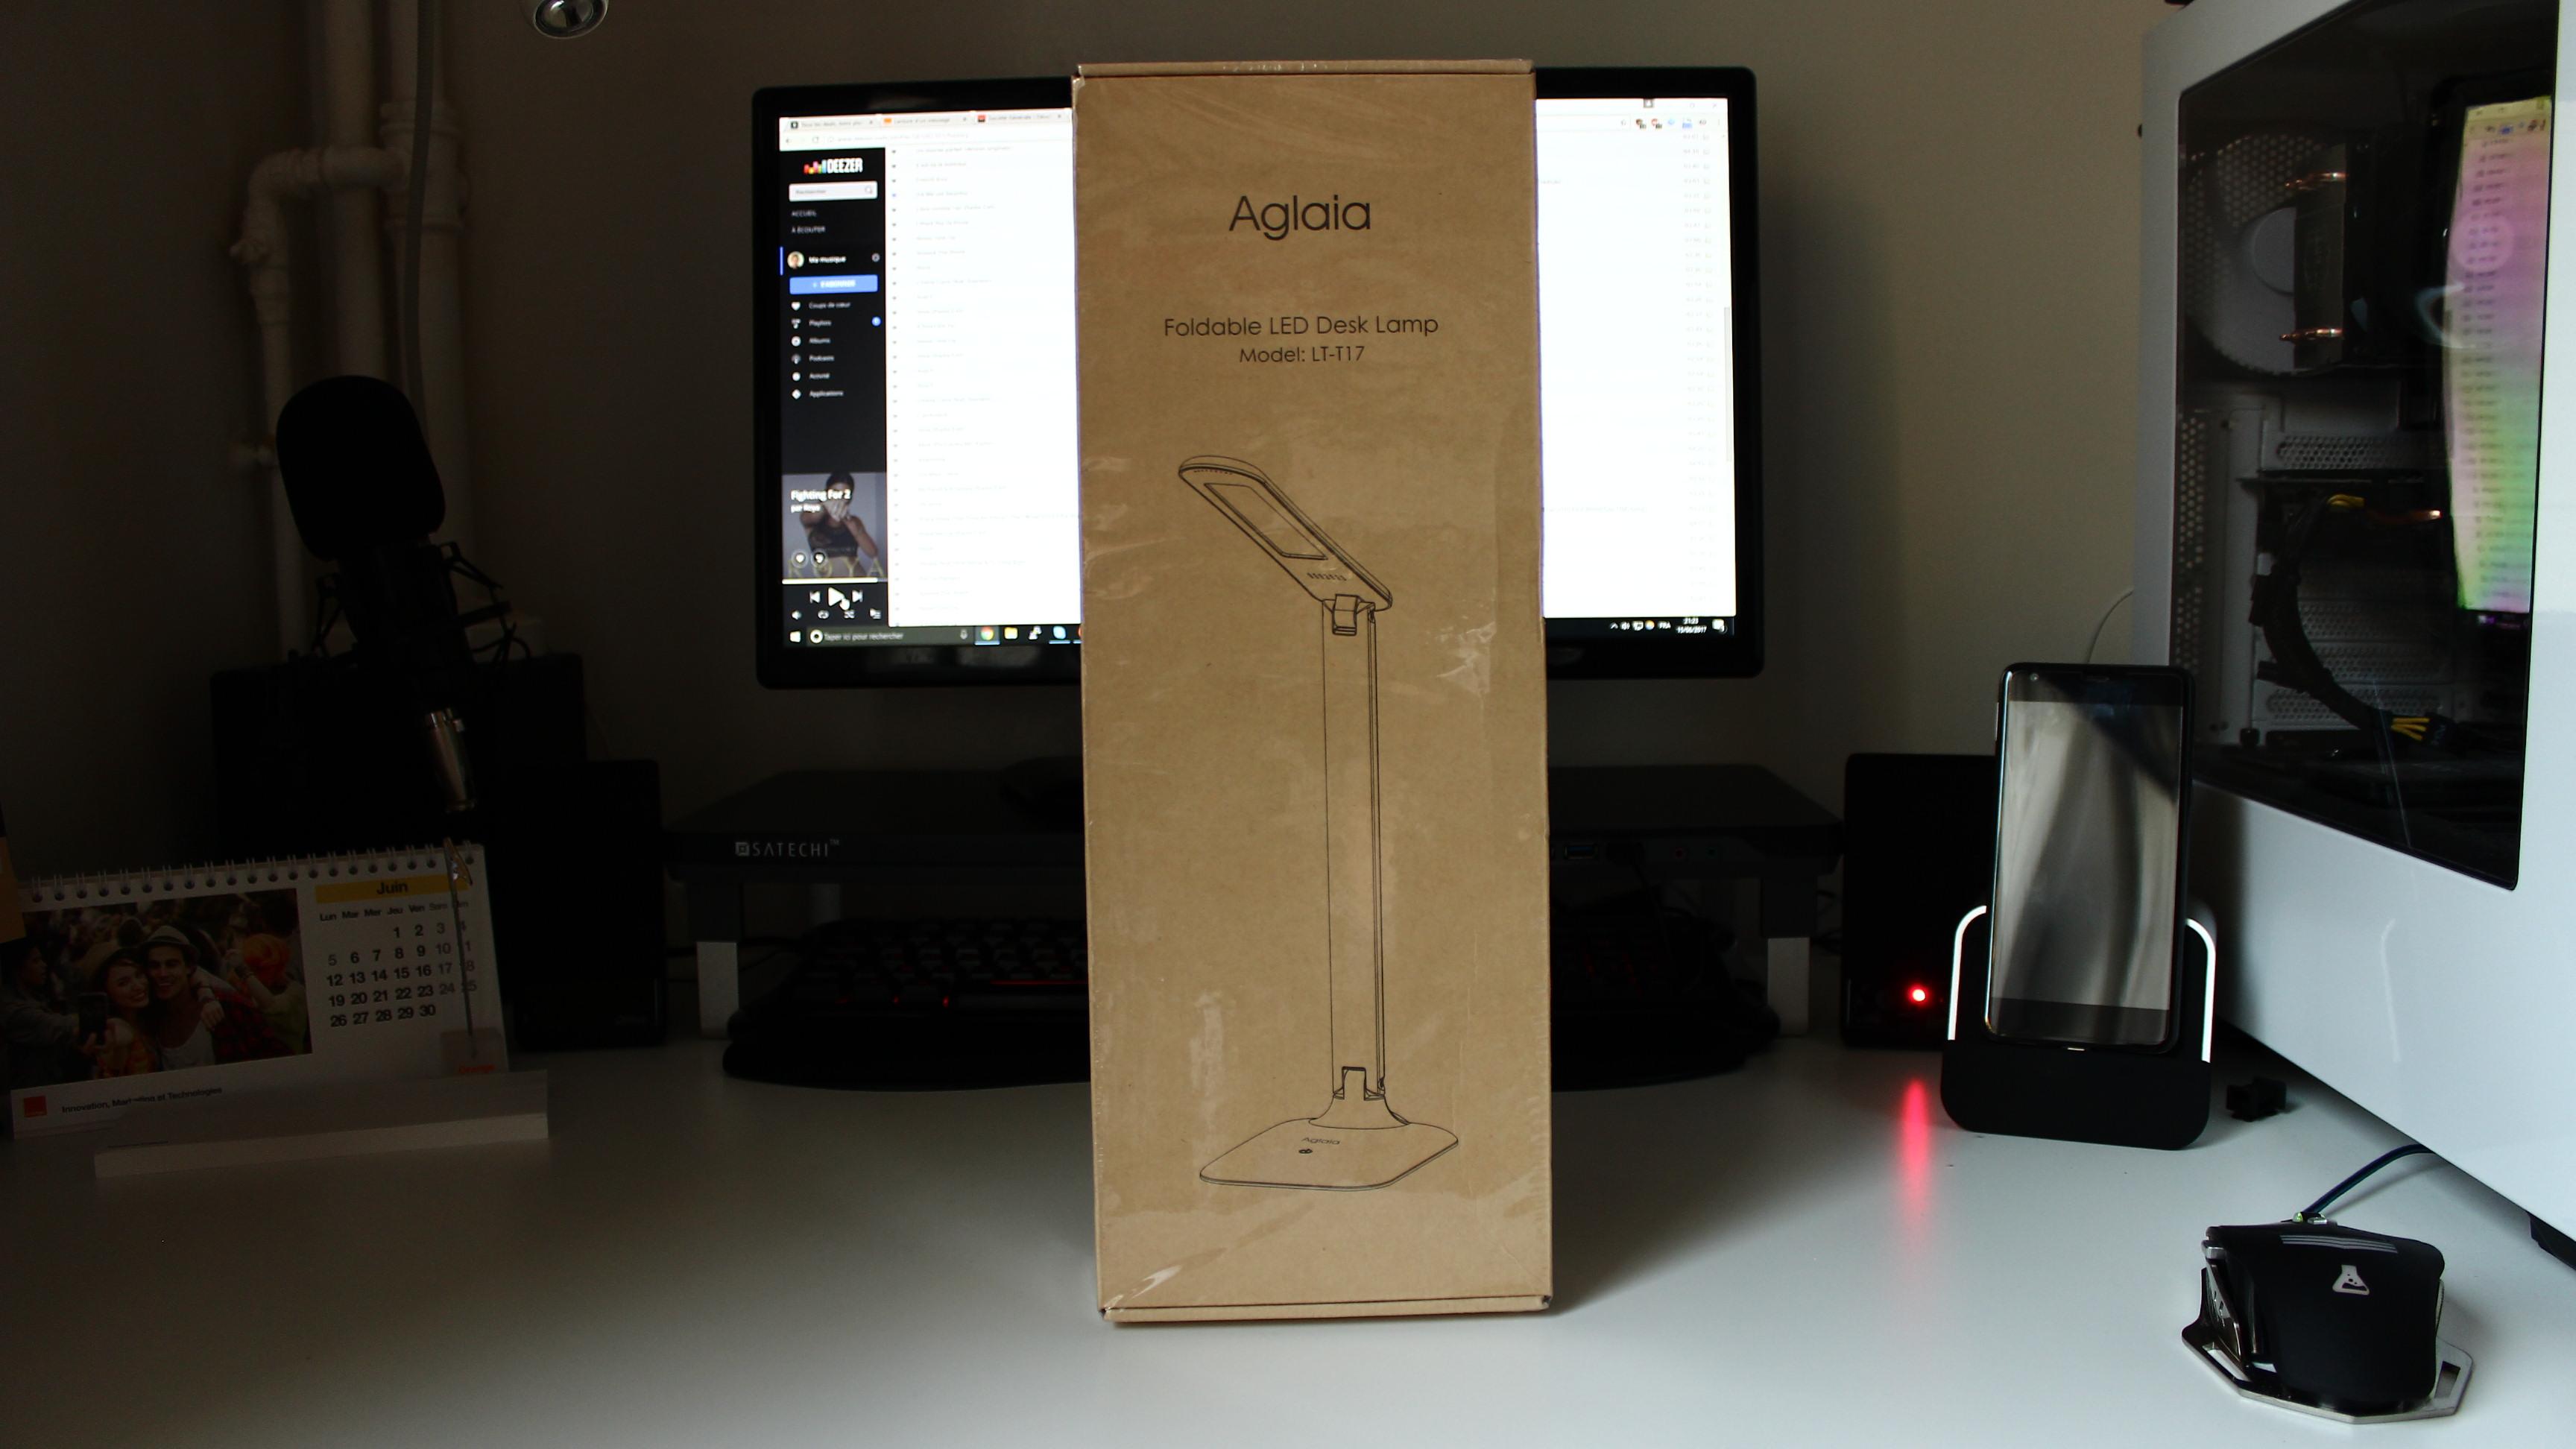 CONCOURS-TEST: Une lampe design à moins de 25 euros? – Test de la lampe Aglaia Design LED